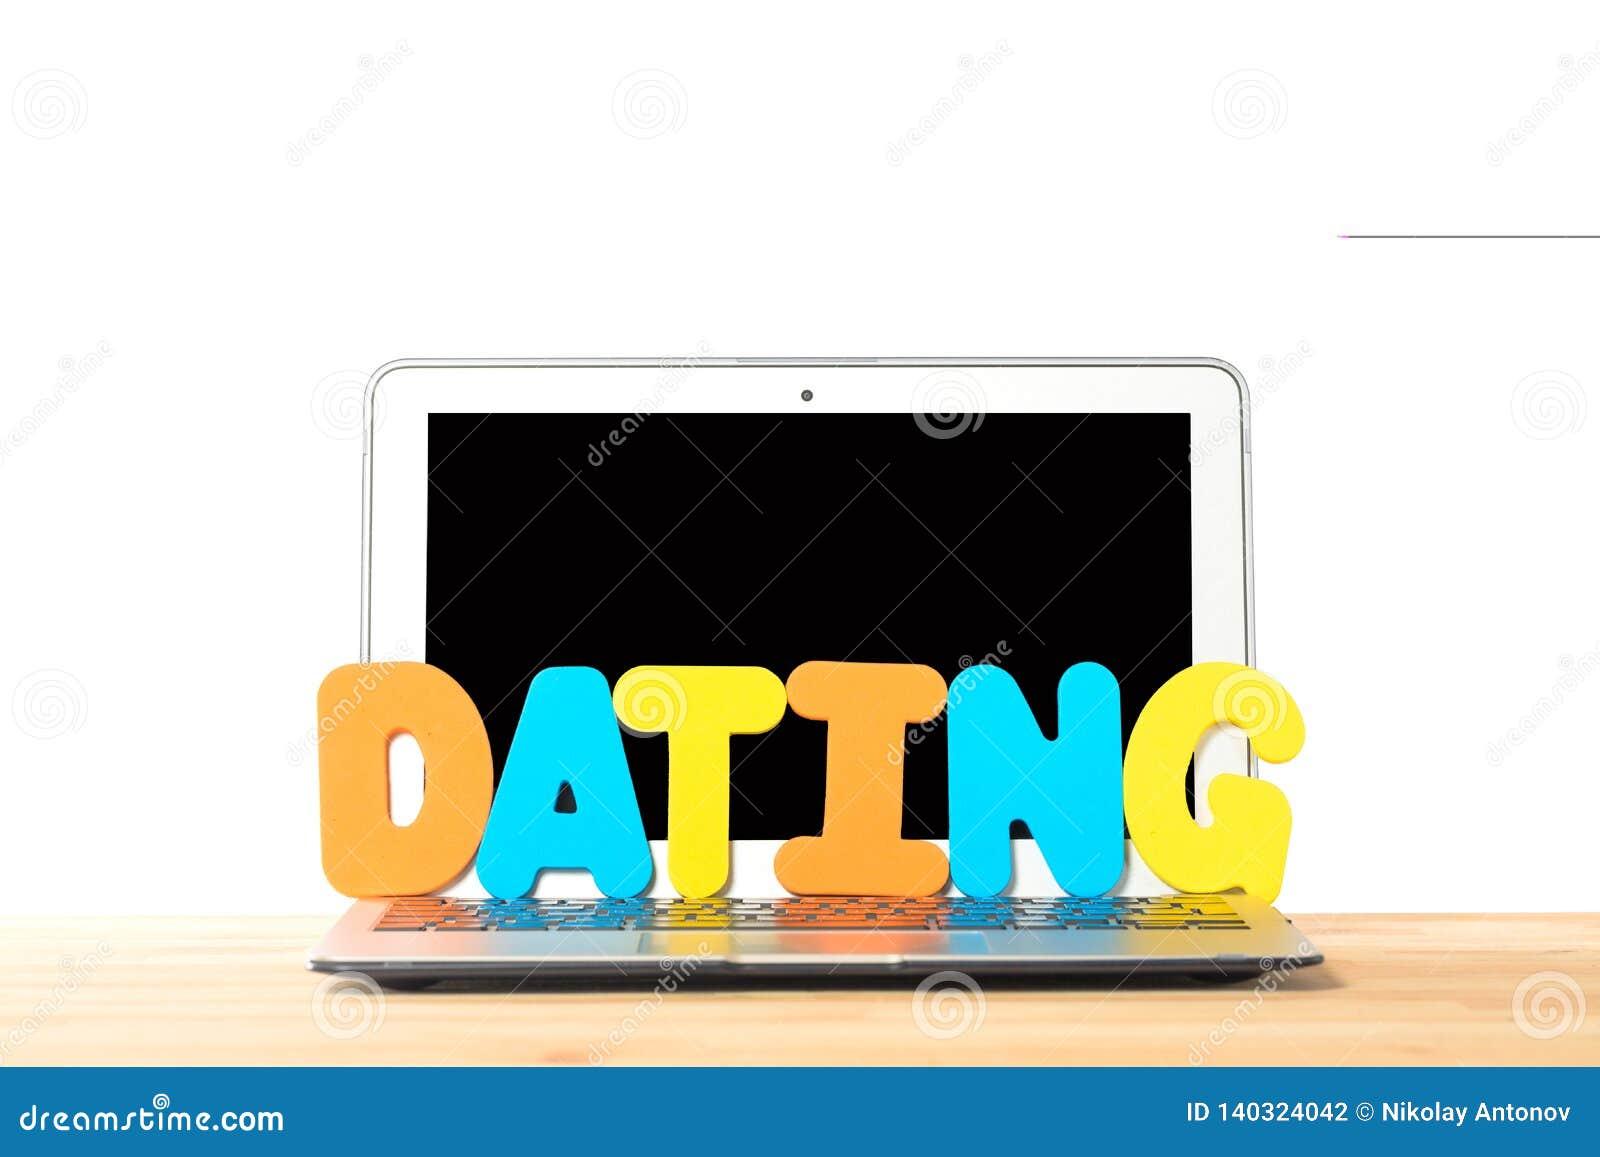 thomas and landon dating